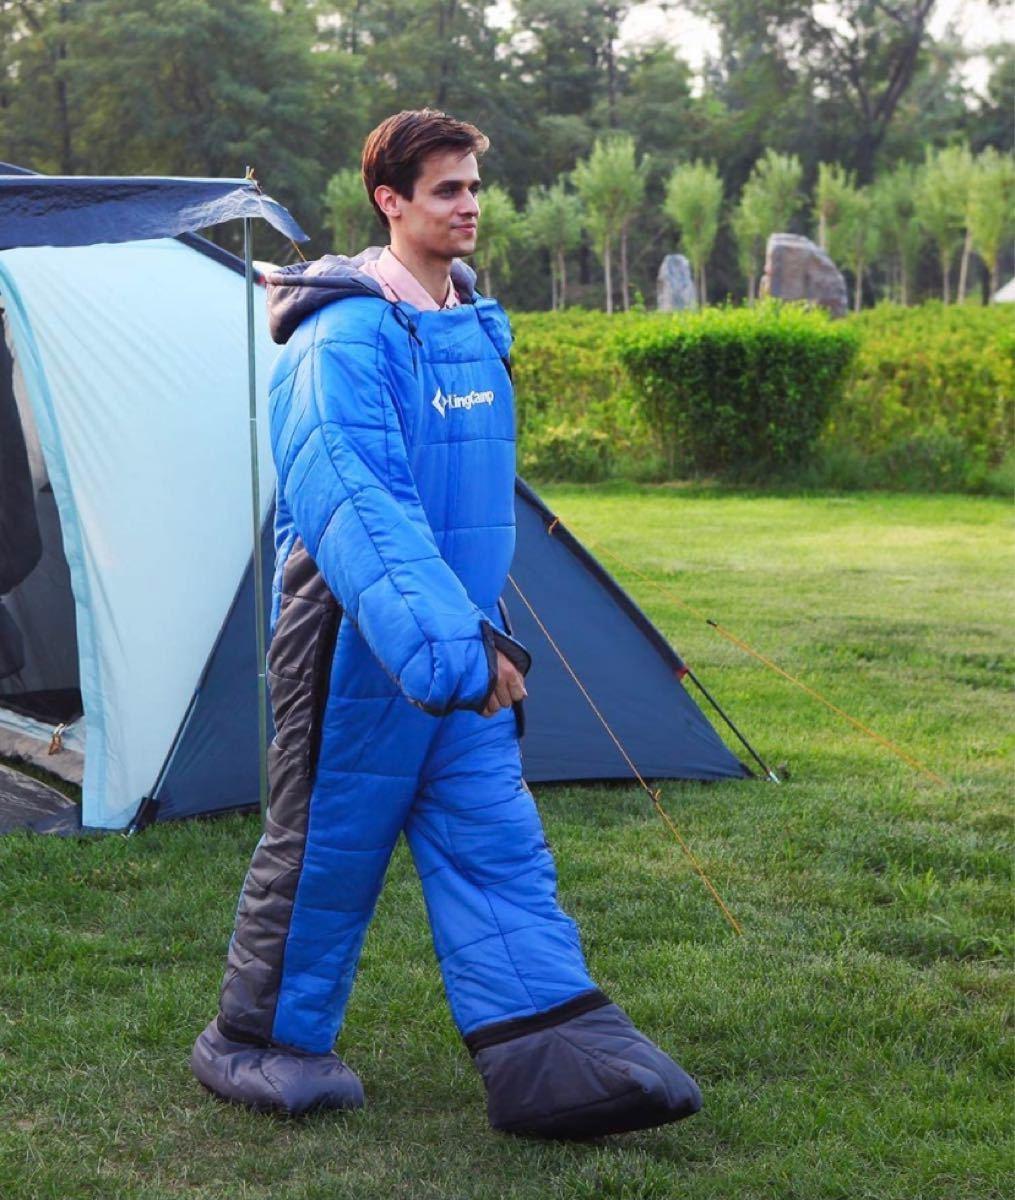 寝袋 人型寝袋 シュラフ 丸洗いOK 着る寝袋 歩ける寝袋 撥水加工「最低使用温度-8℃」アウトドア キャンプ 釣り 室内 防寒